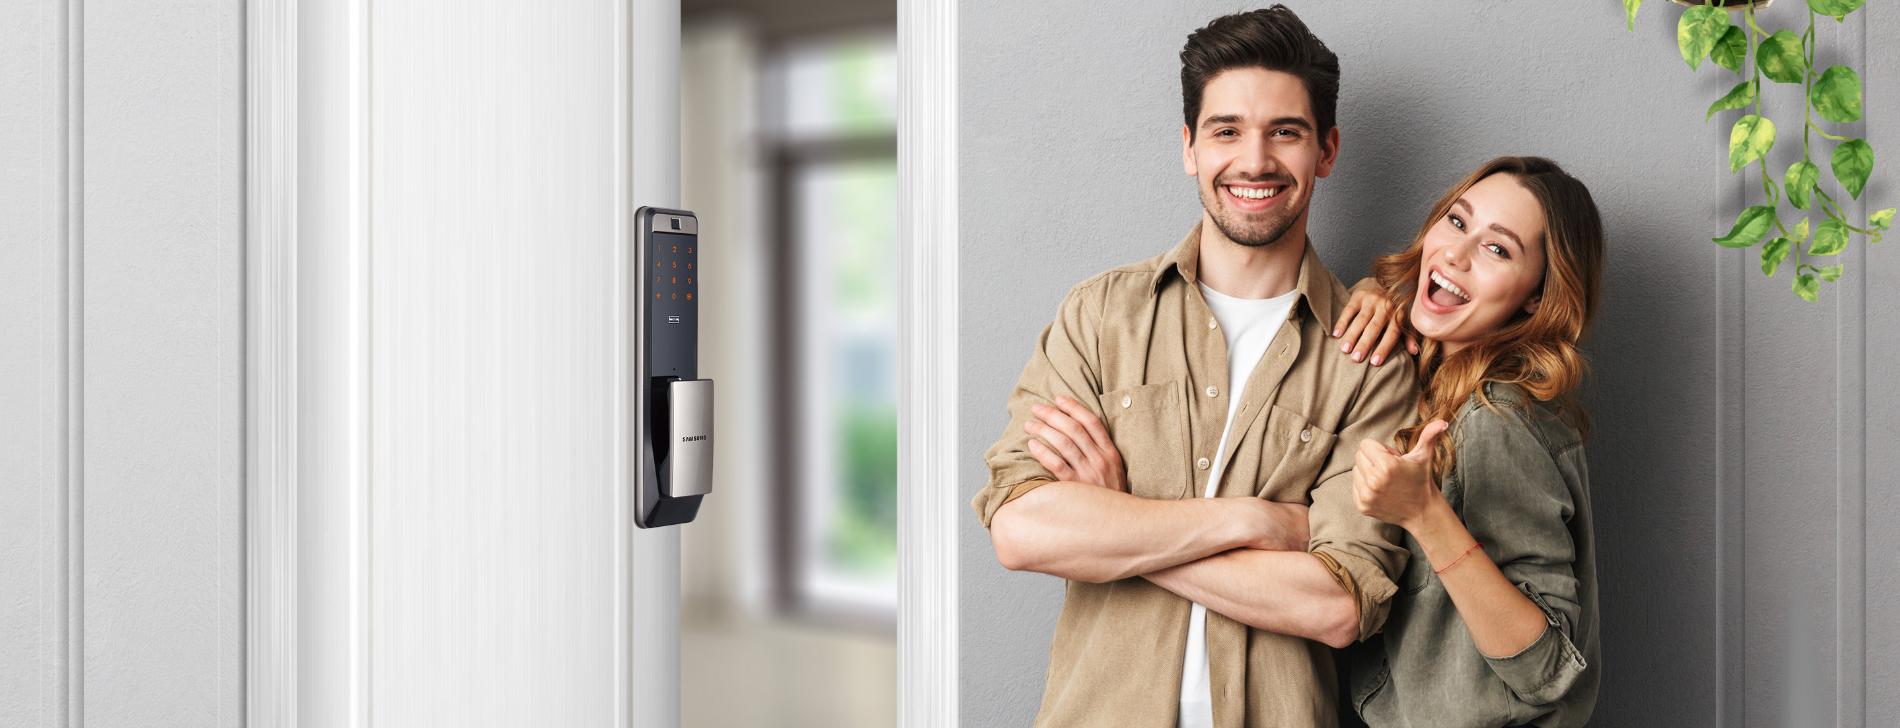 laminate-door-samsung-shp-dp609-digital-door-lock-01